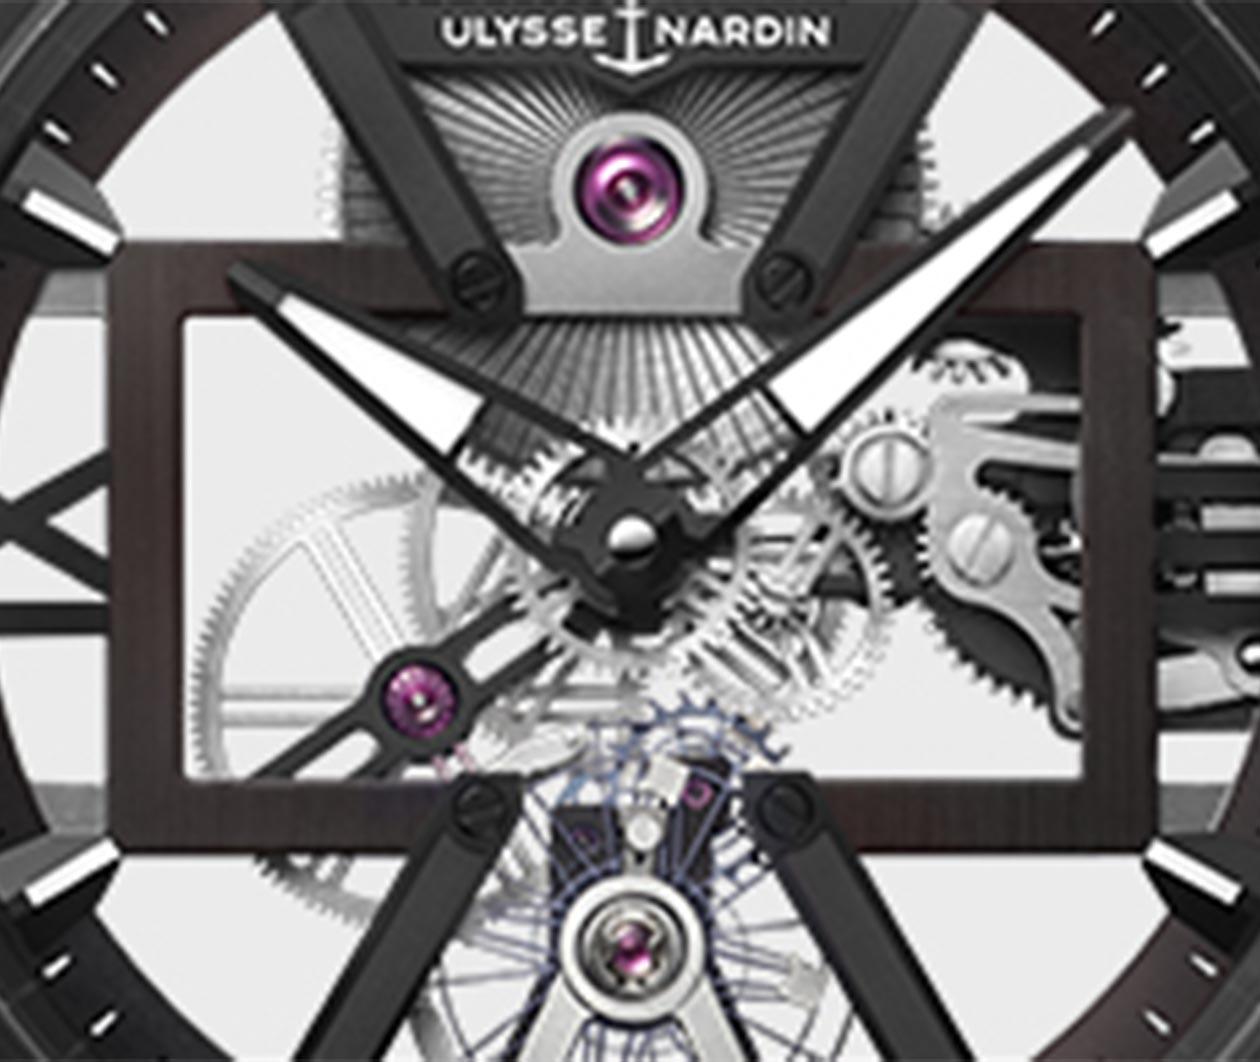 UlysseNardin Executive SkeletonX 37132603BLACK Carousel 5 FINAL